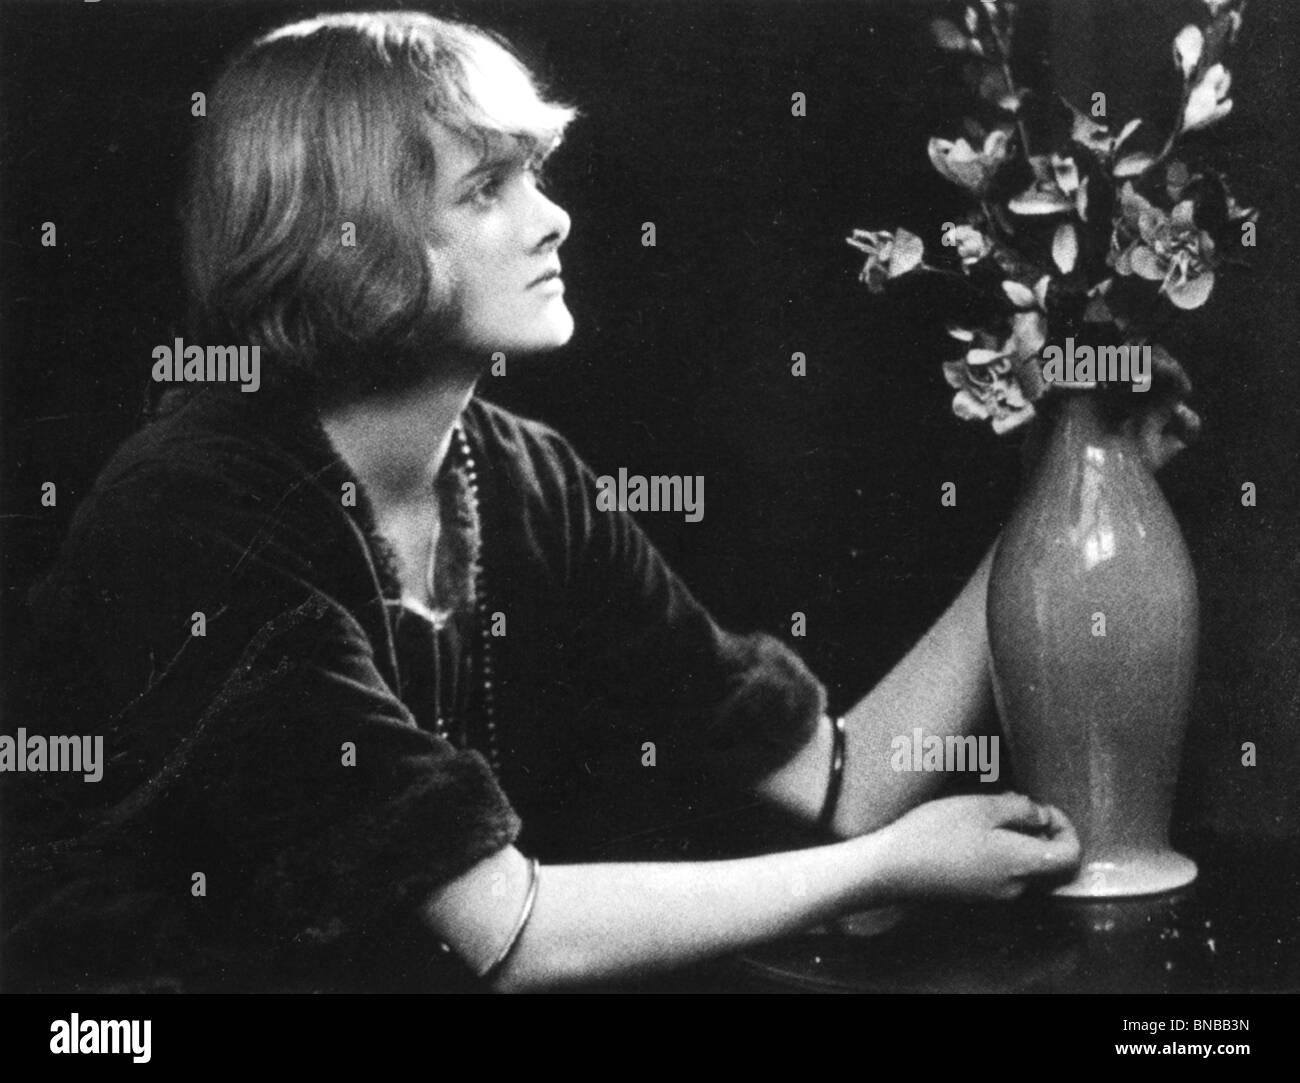 DAPHNE DU MAURIER (1907-89) English novelist - Stock Image